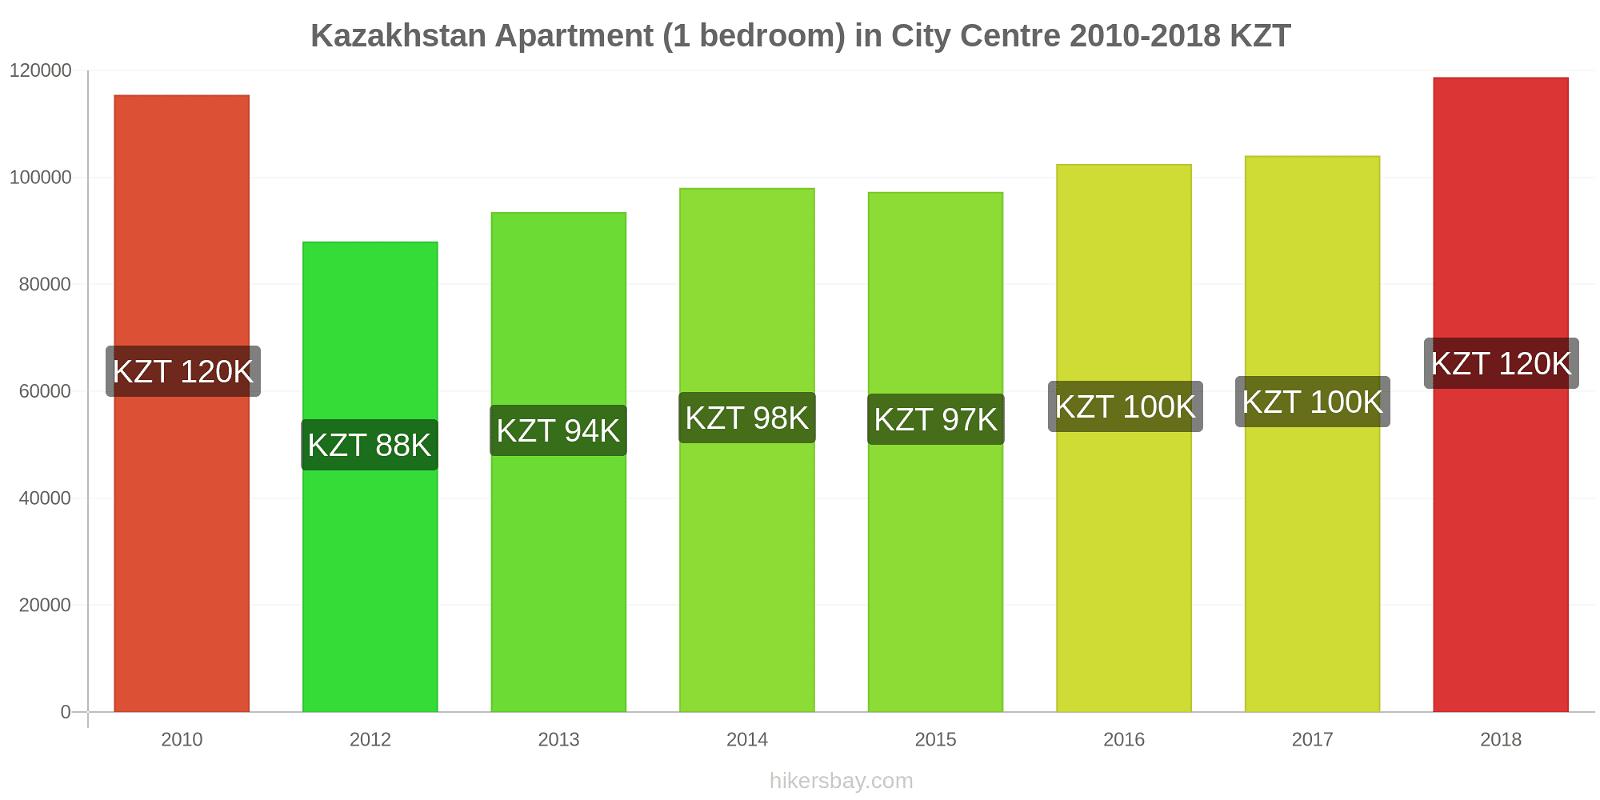 Kazakhstan price changes Apartment (1 bedroom) in City Centre hikersbay.com